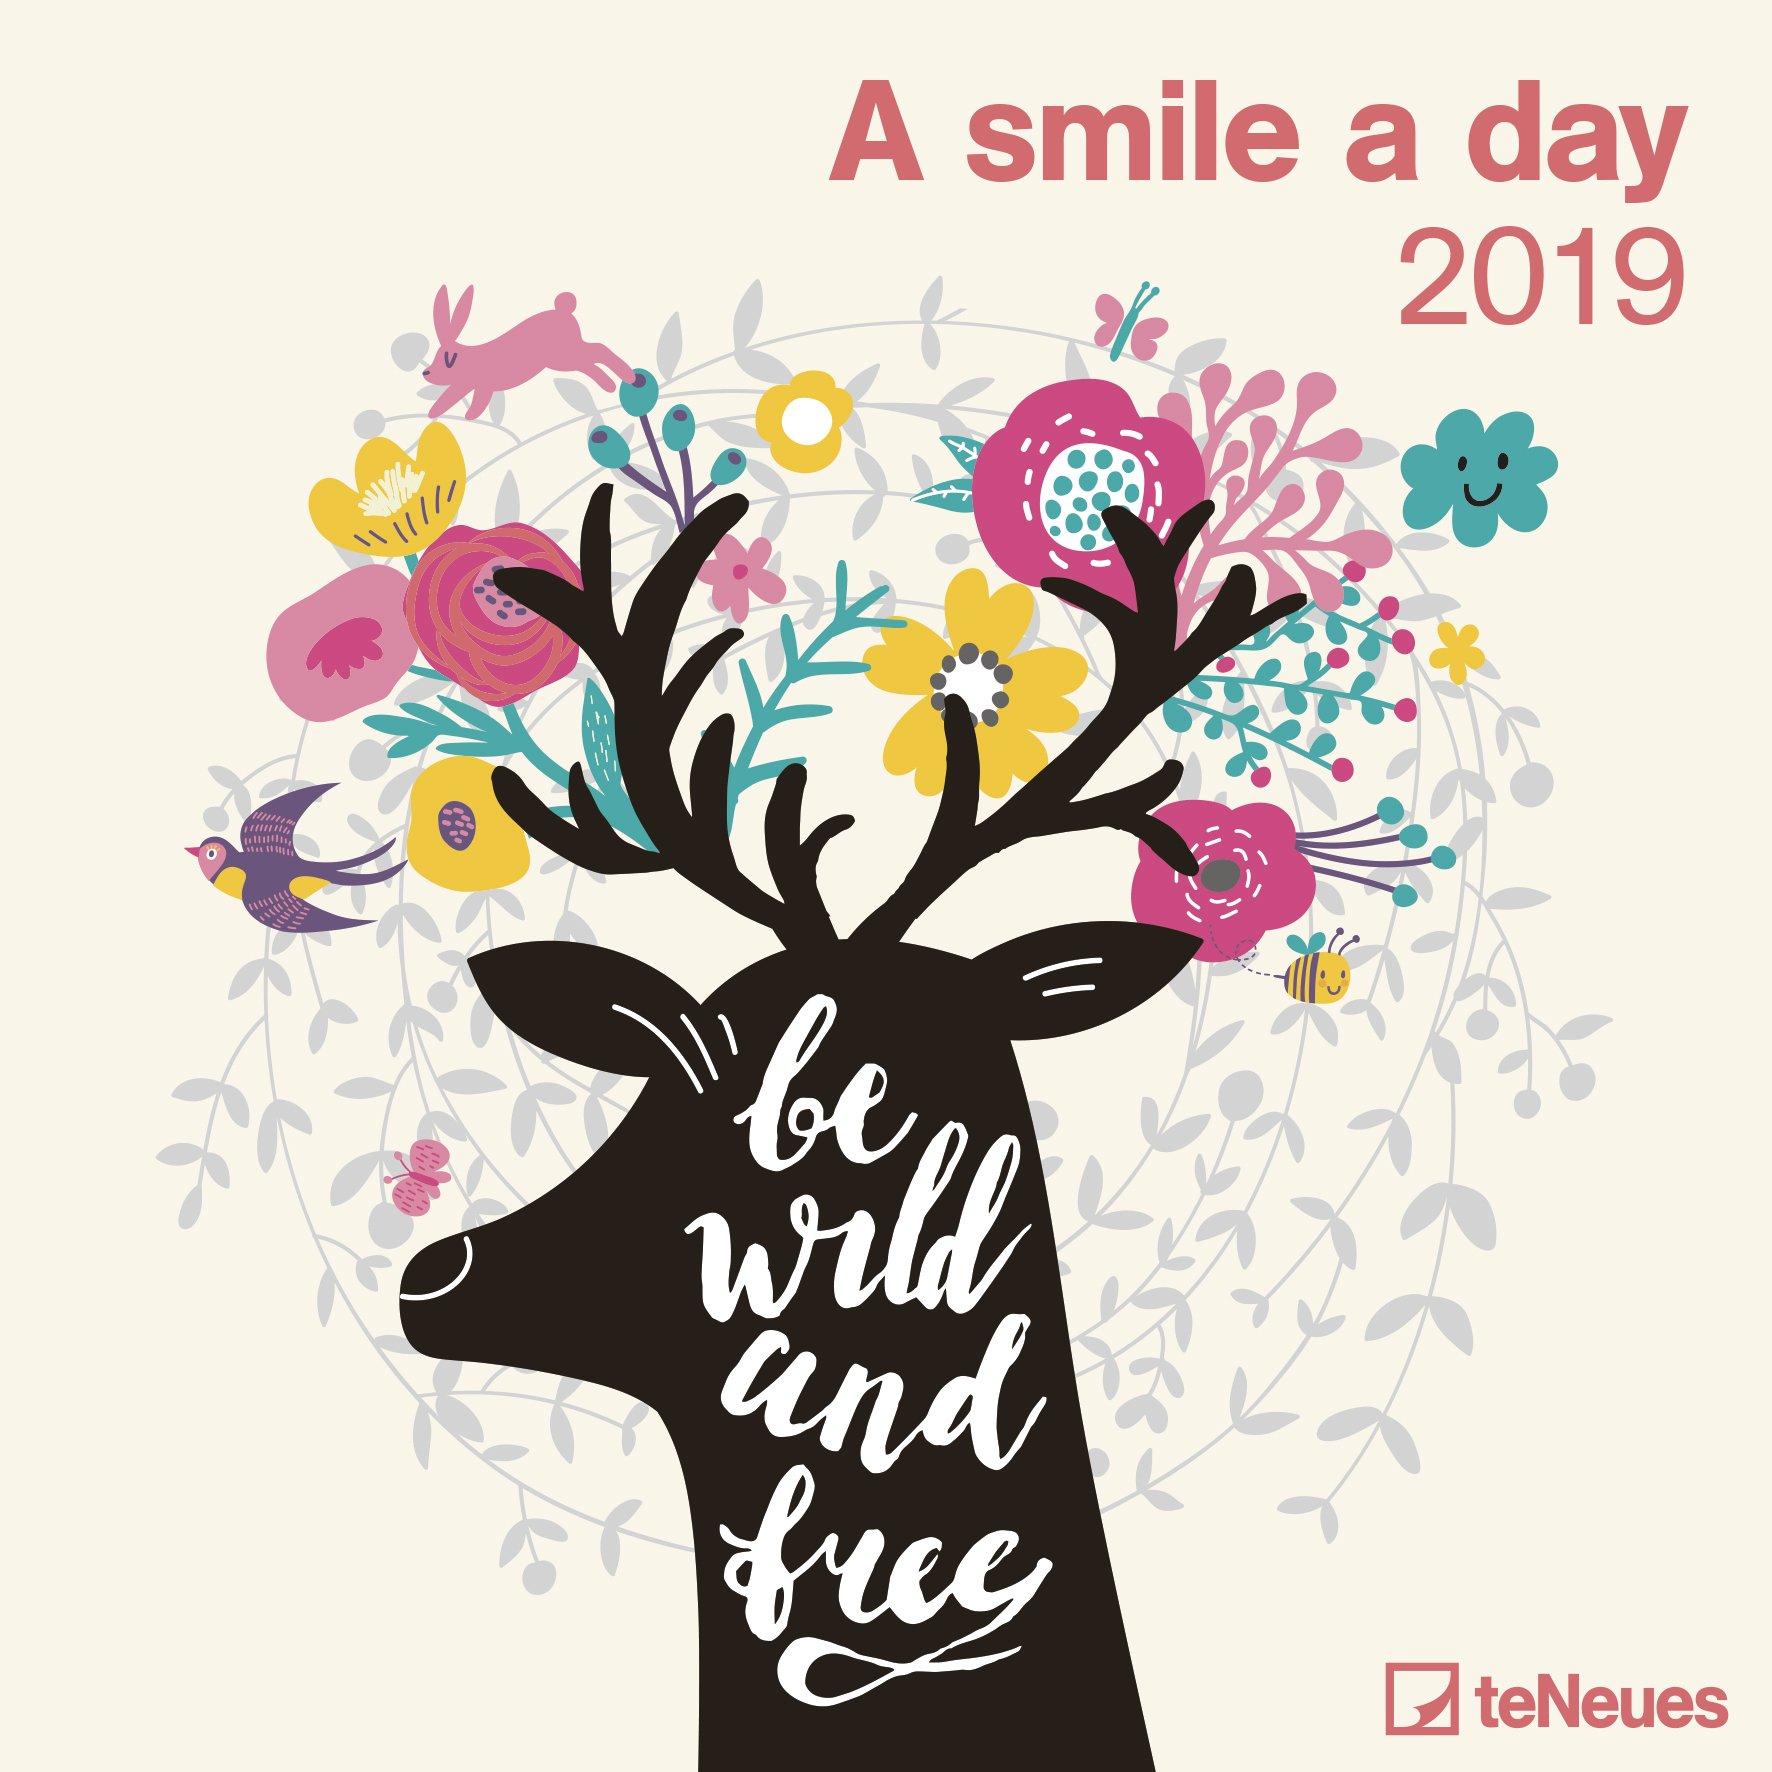 2019 A Smile a Day Calendar - 30 x 30 cm (Allemand) Calendrier – Poster Calendar, 15 juillet 2018 B077ZH9977 Address Books Geschenkbücher Kalender / Zitate